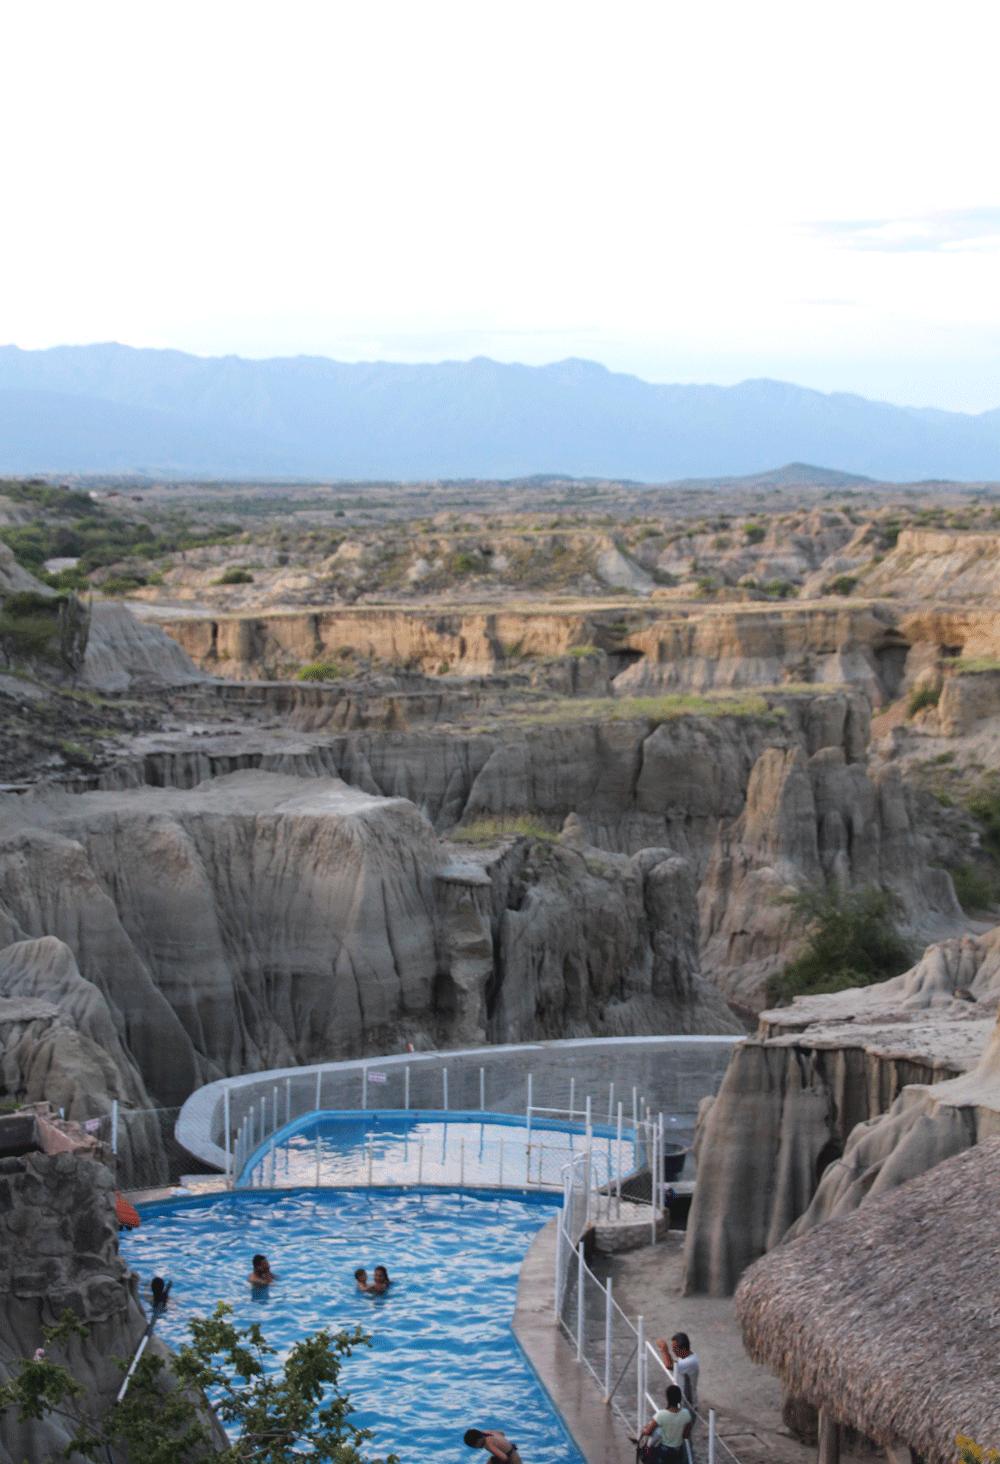 piscine Los Hoyos